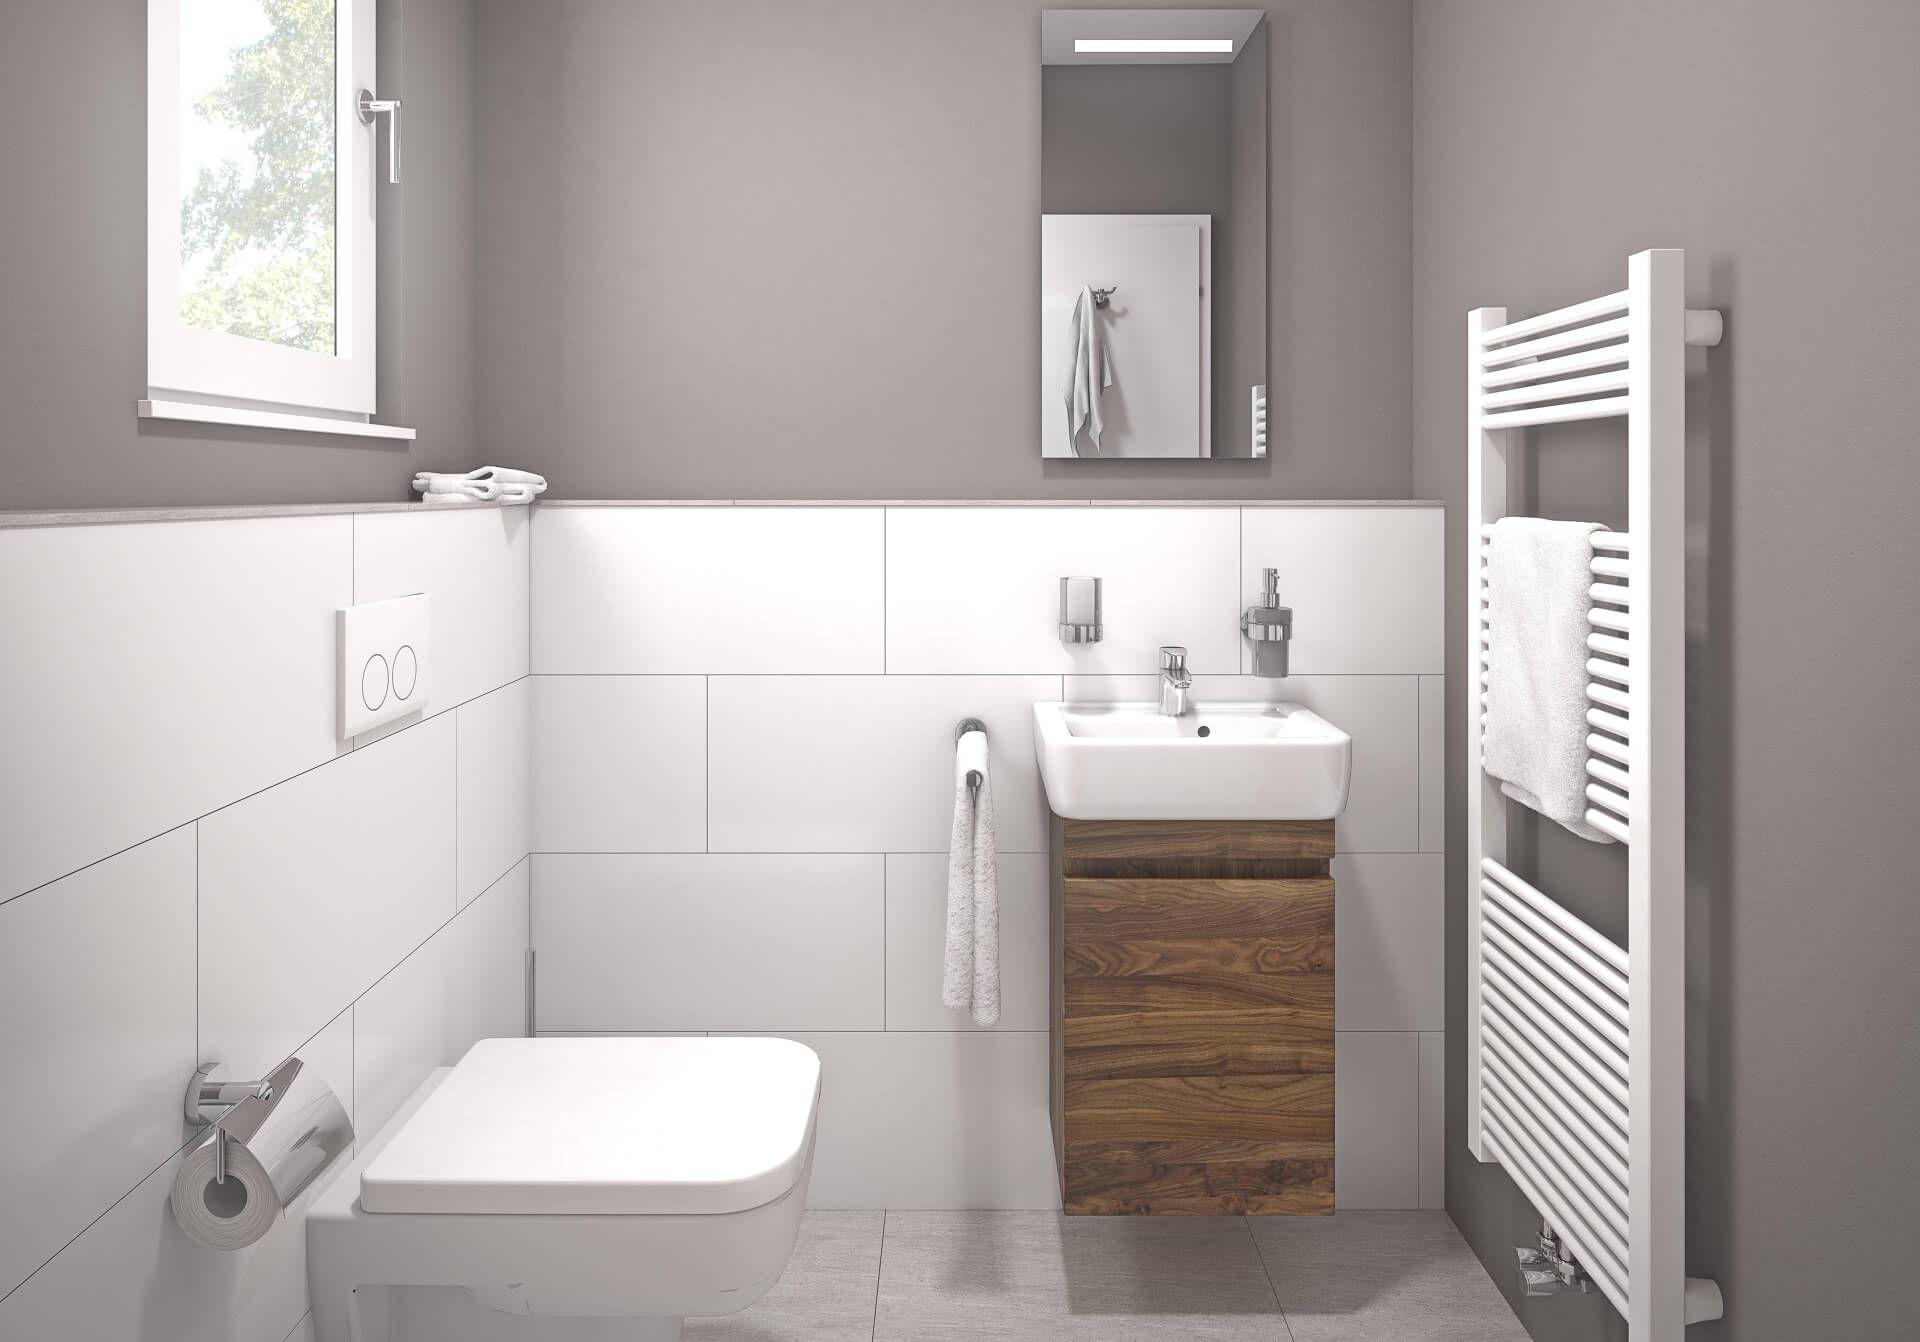 Pin Von Stiffstoff Auf Badezimmer In 2020 Badezimmer Planen Gaste Wc Ideen Gaste Wc